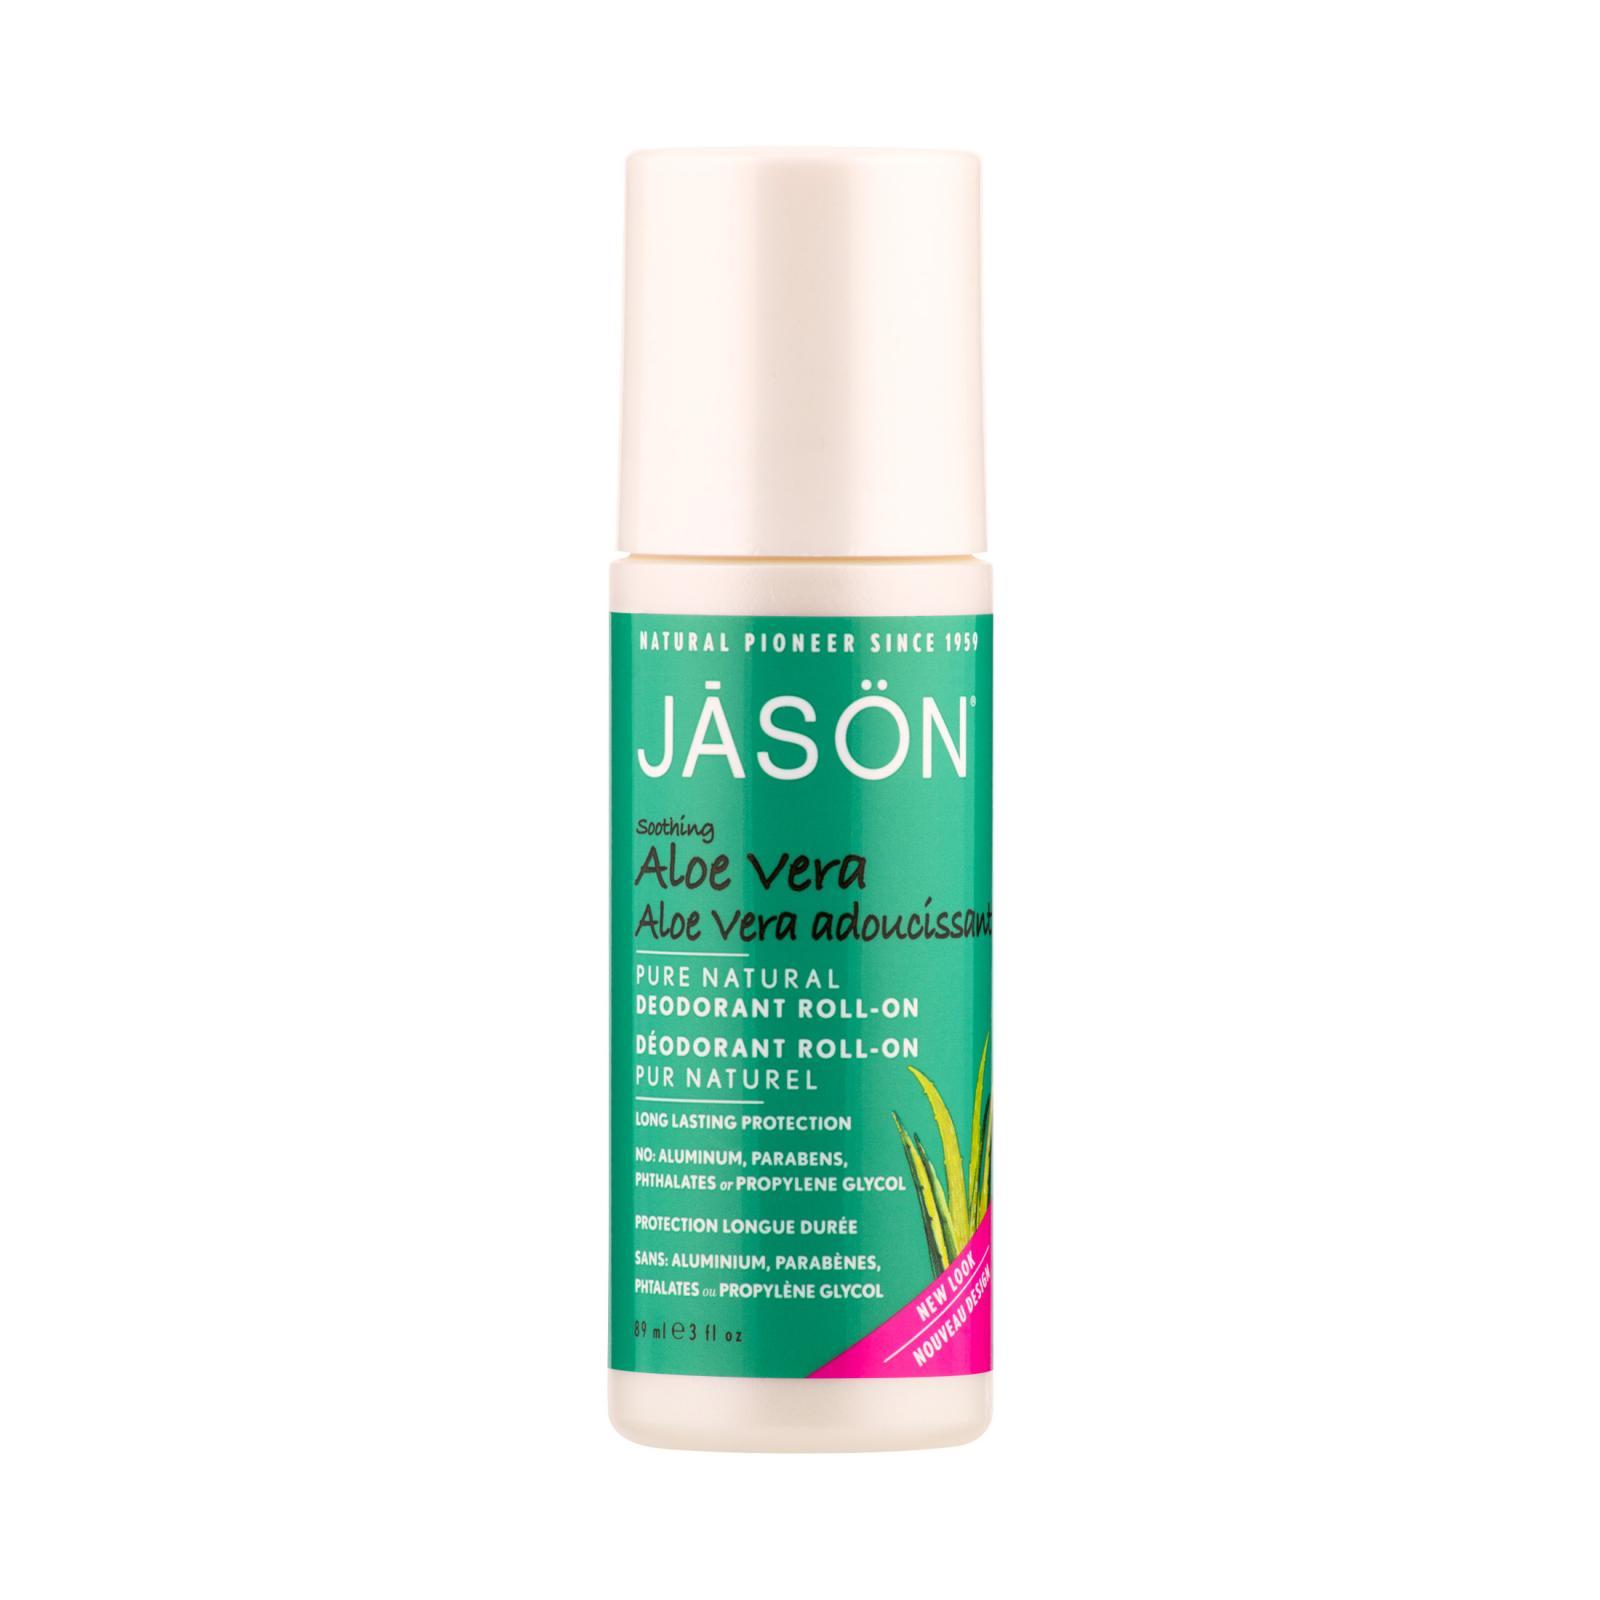 Jason Deo roll on aloe vera 89 ml